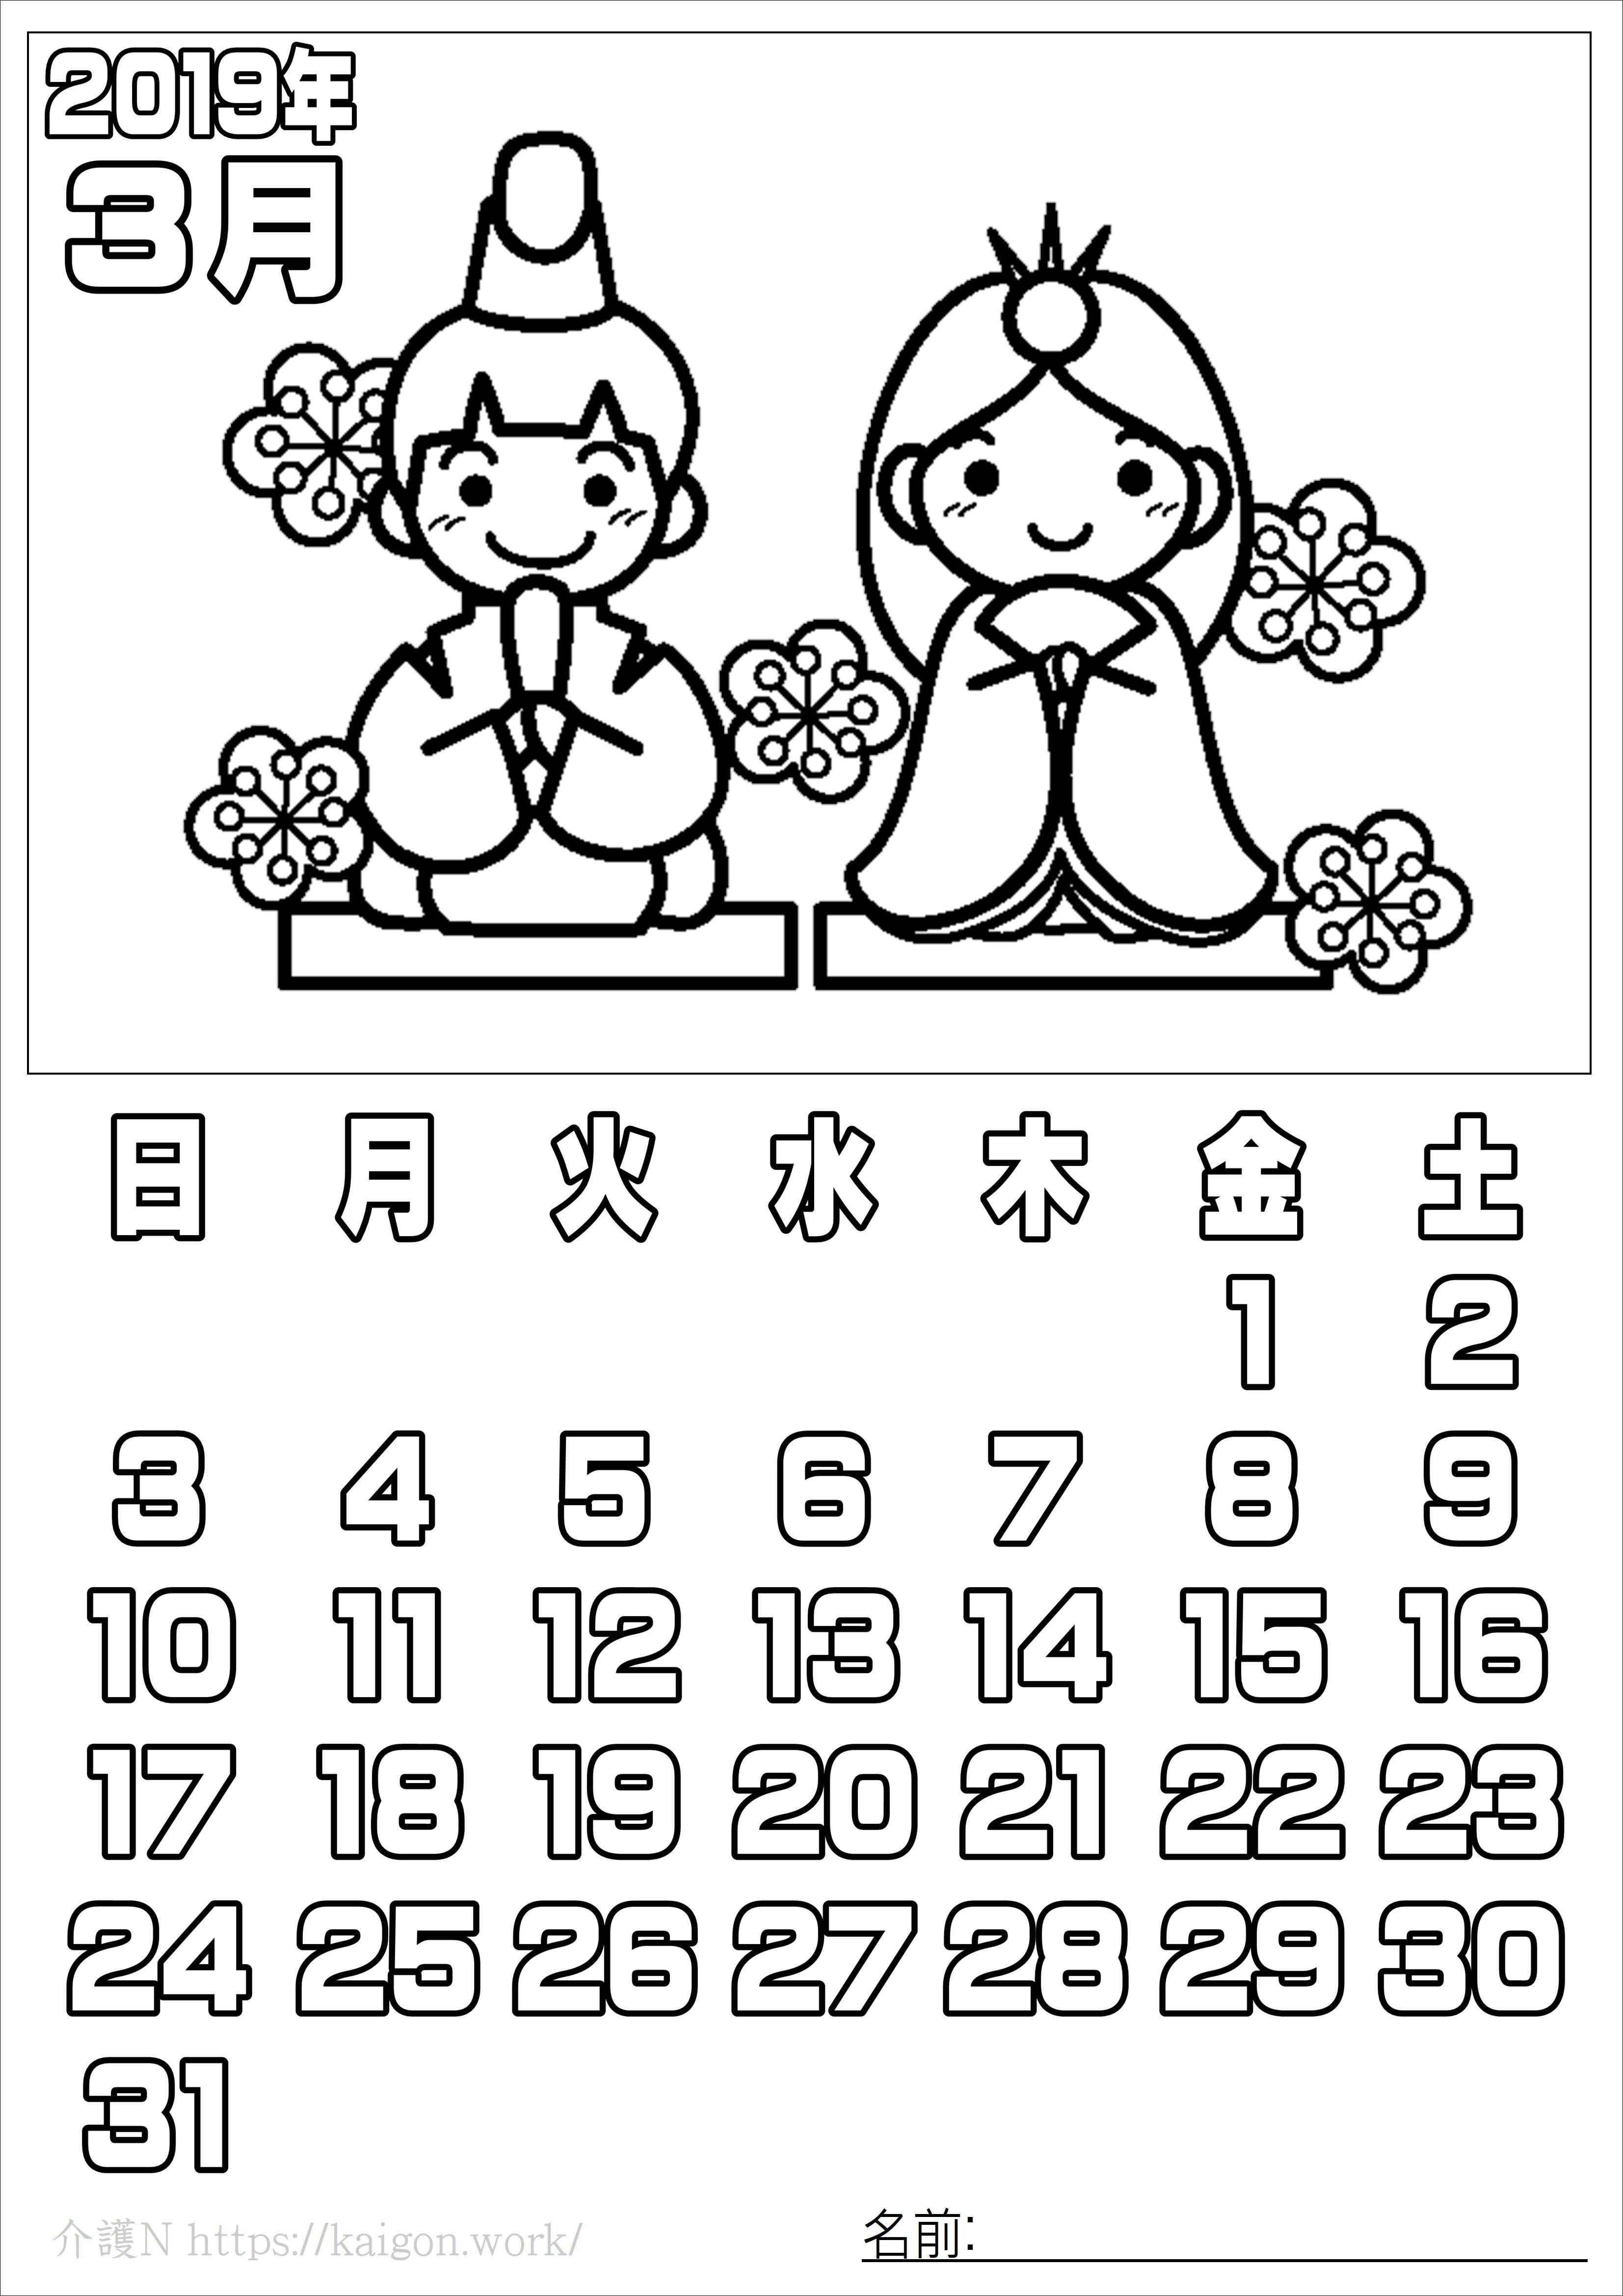 無料の印刷用ぬりえページ 最も人気のある 4月 ぬりえ 手作りカレンダー ひなまつり 製作 花の塗り絵